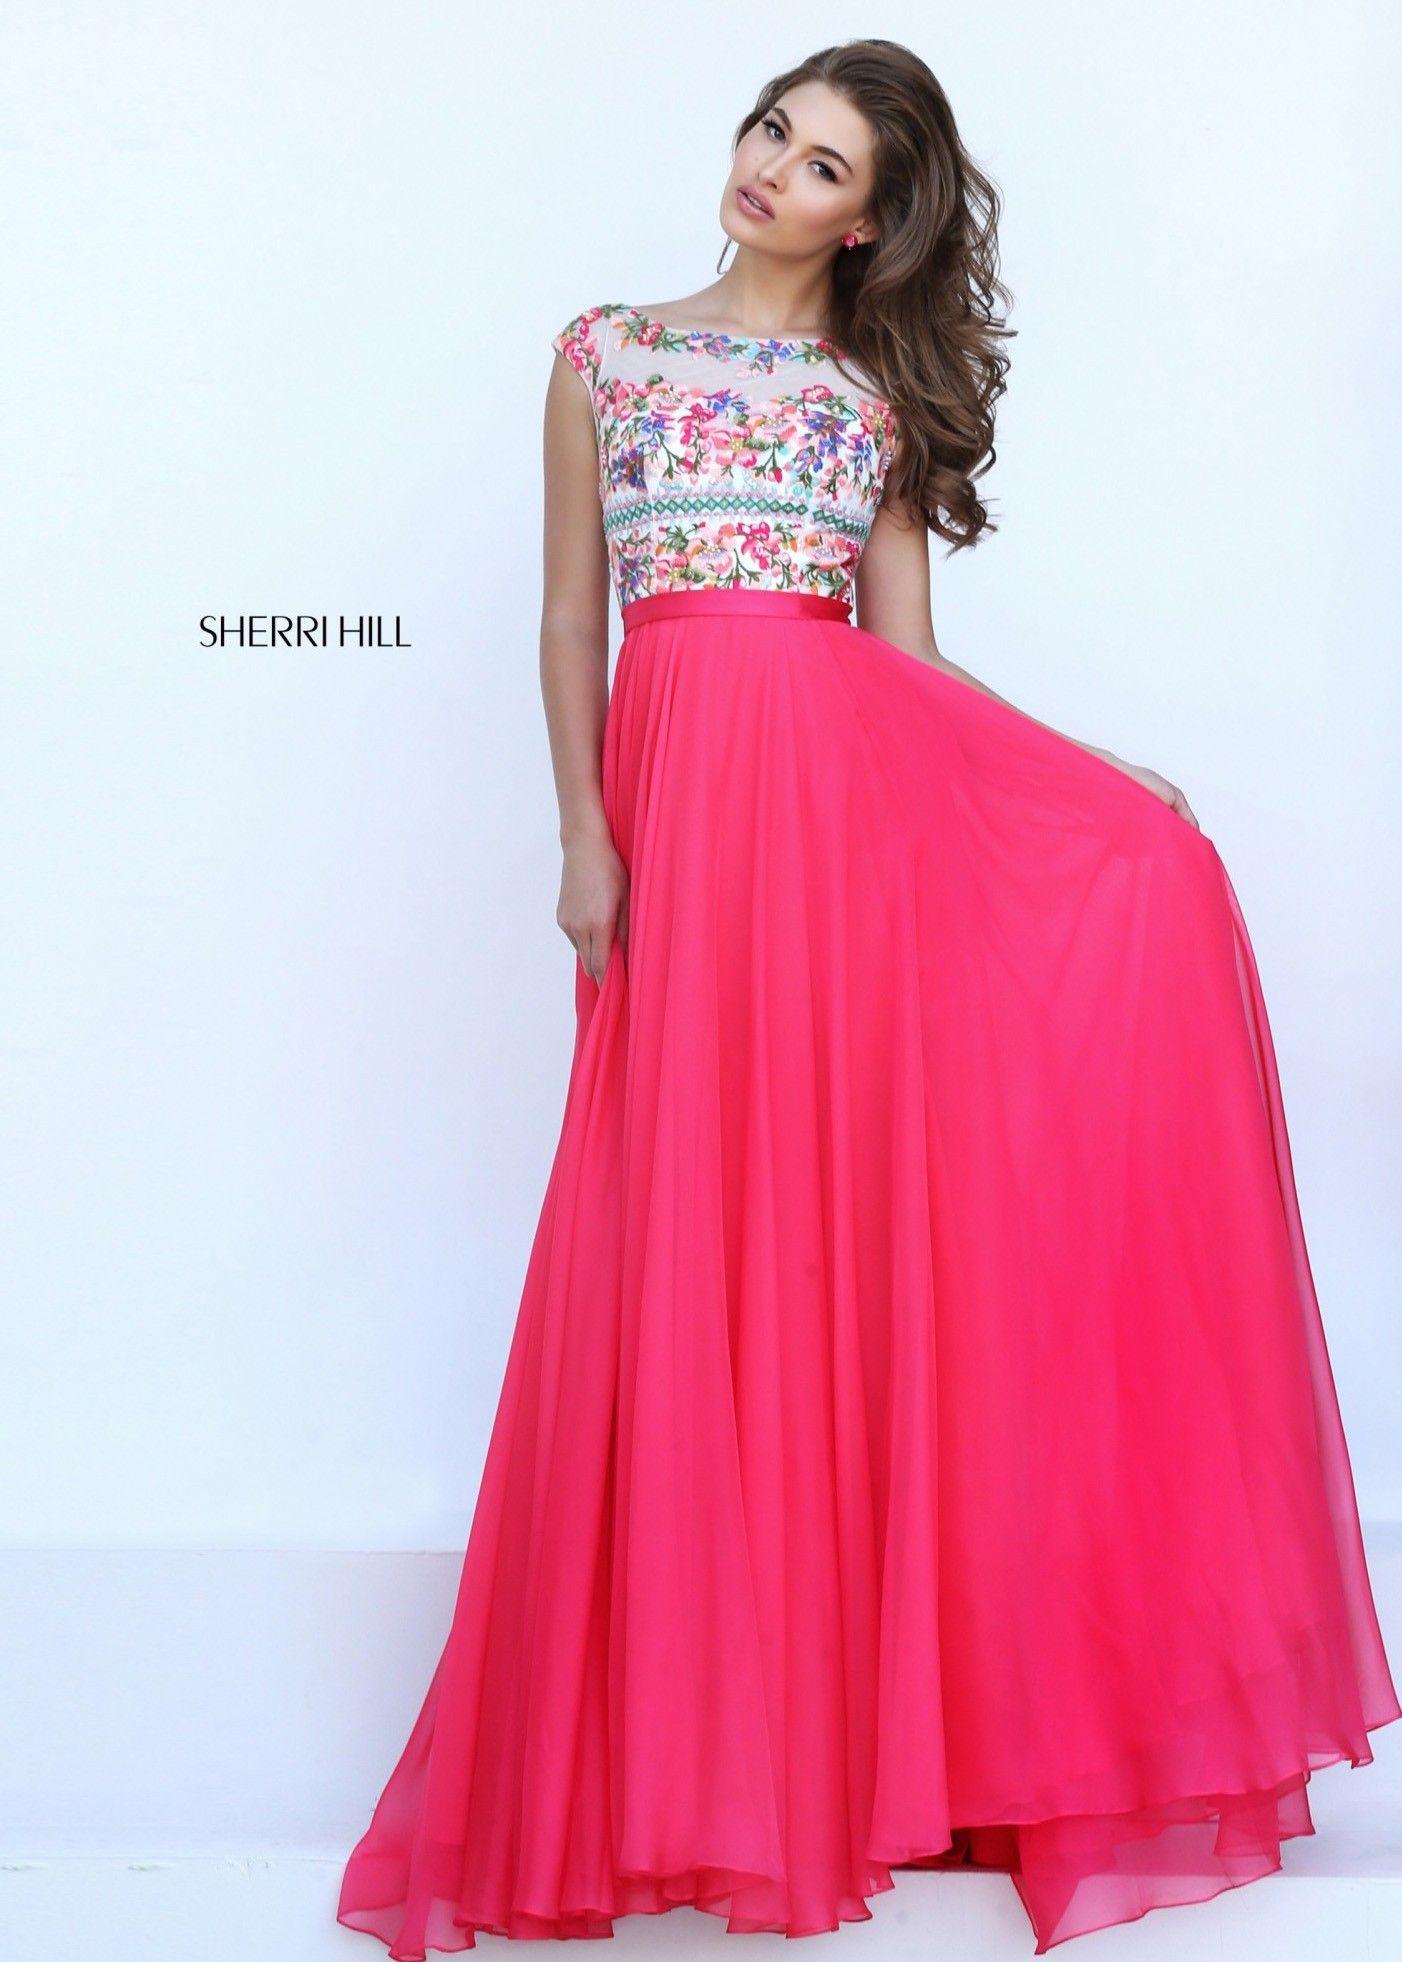 Sherri hill open back flowy chiffon dress pretty in pink